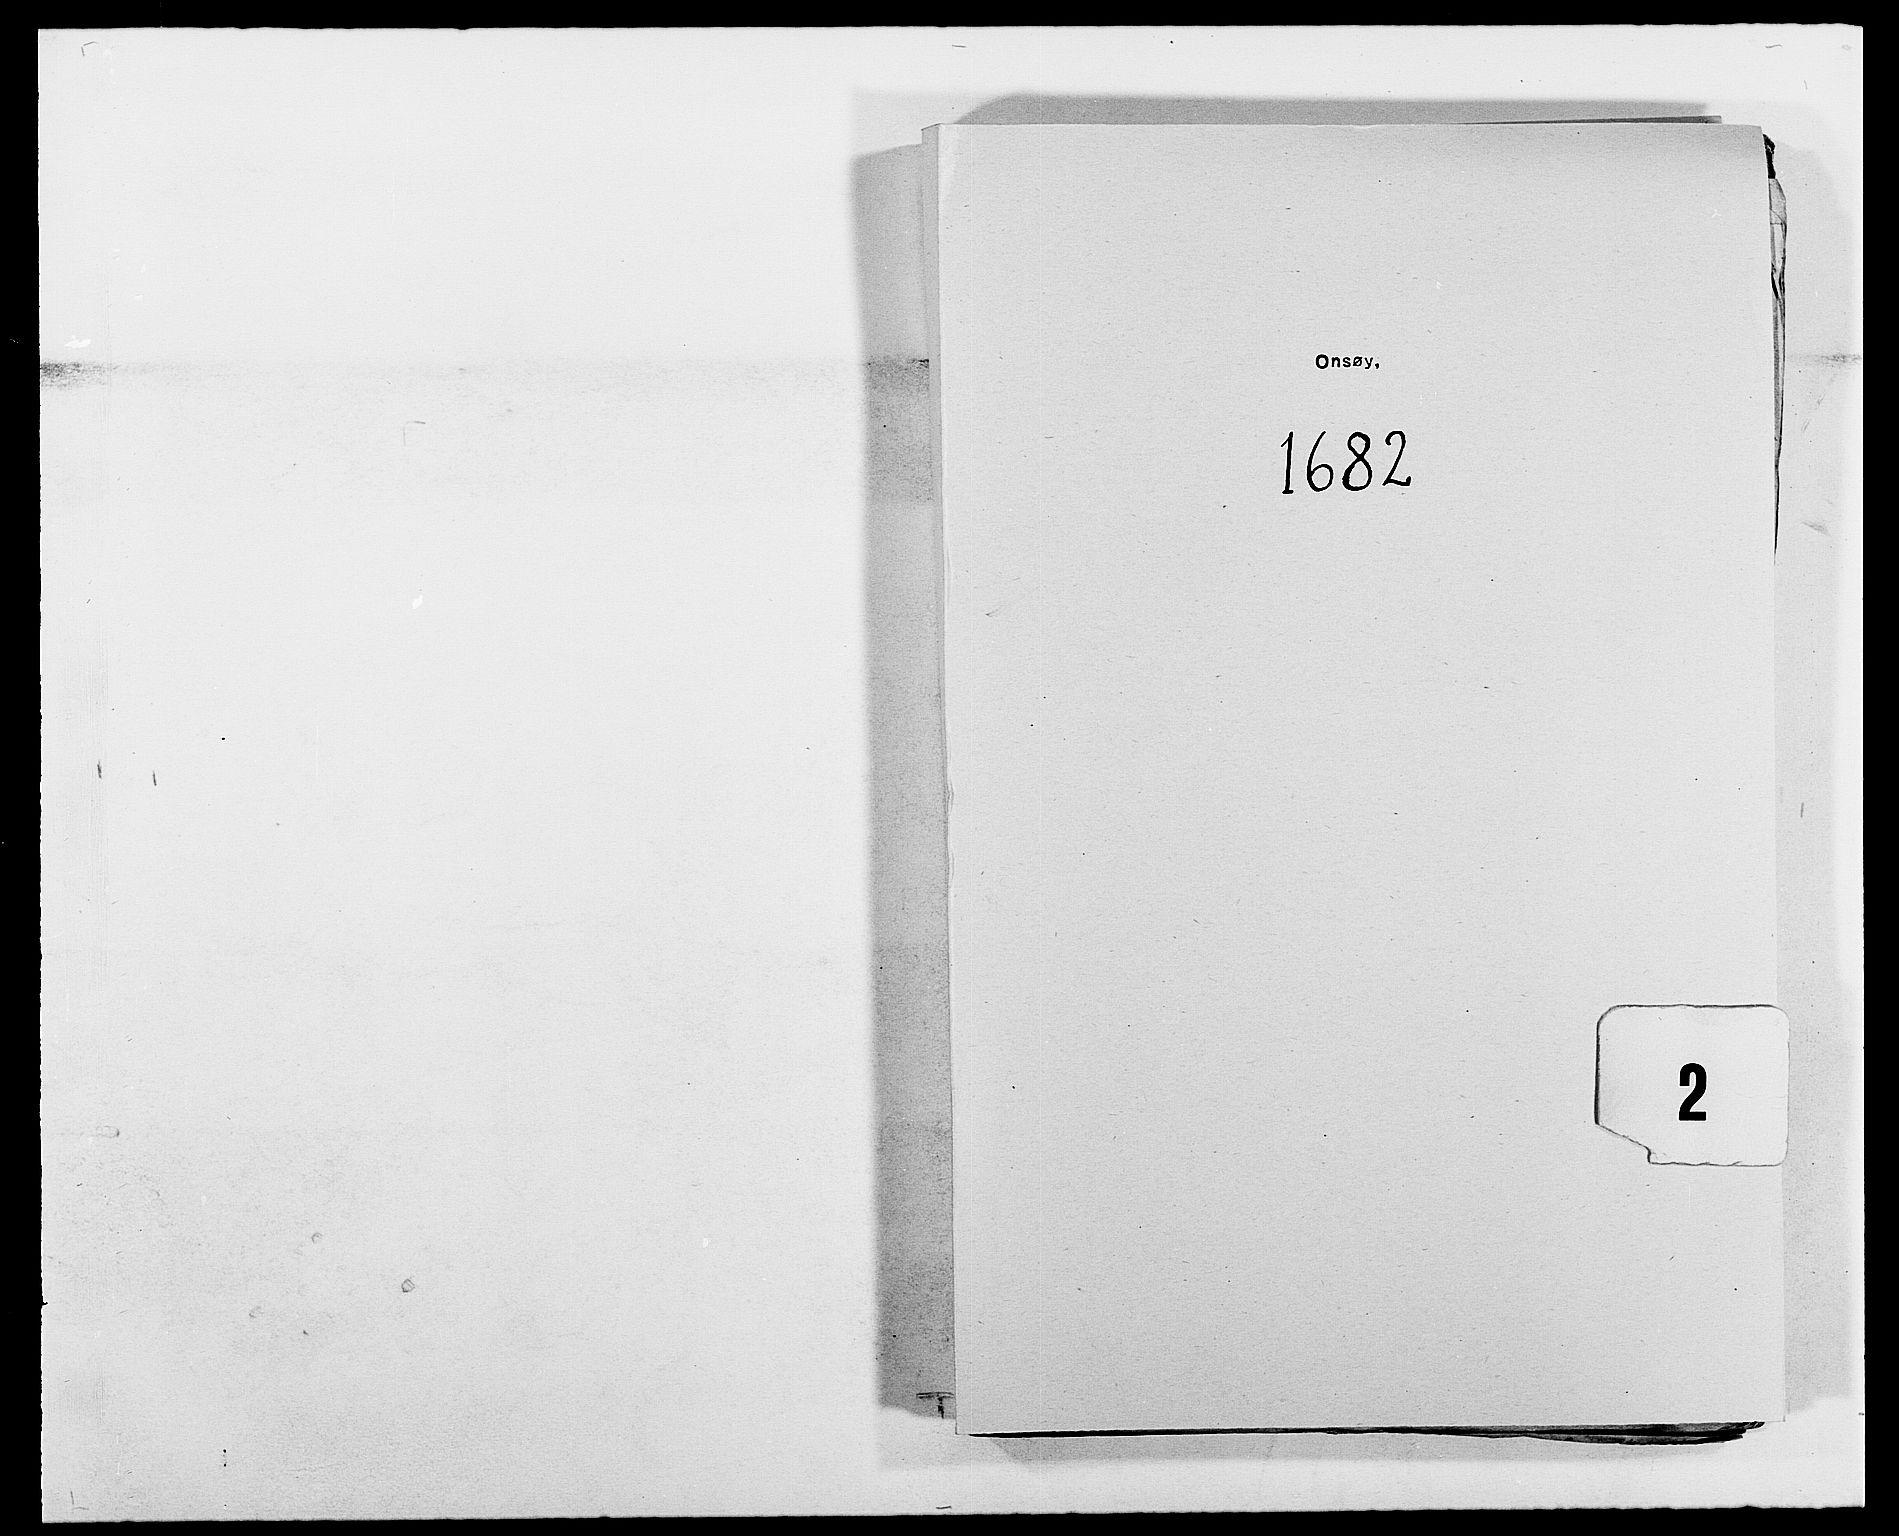 RA, Rentekammeret inntil 1814, Reviderte regnskaper, Fogderegnskap, R03/L0112: Fogderegnskap Onsøy, Tune, Veme og Åbygge fogderi, 1681-1683, s. 82